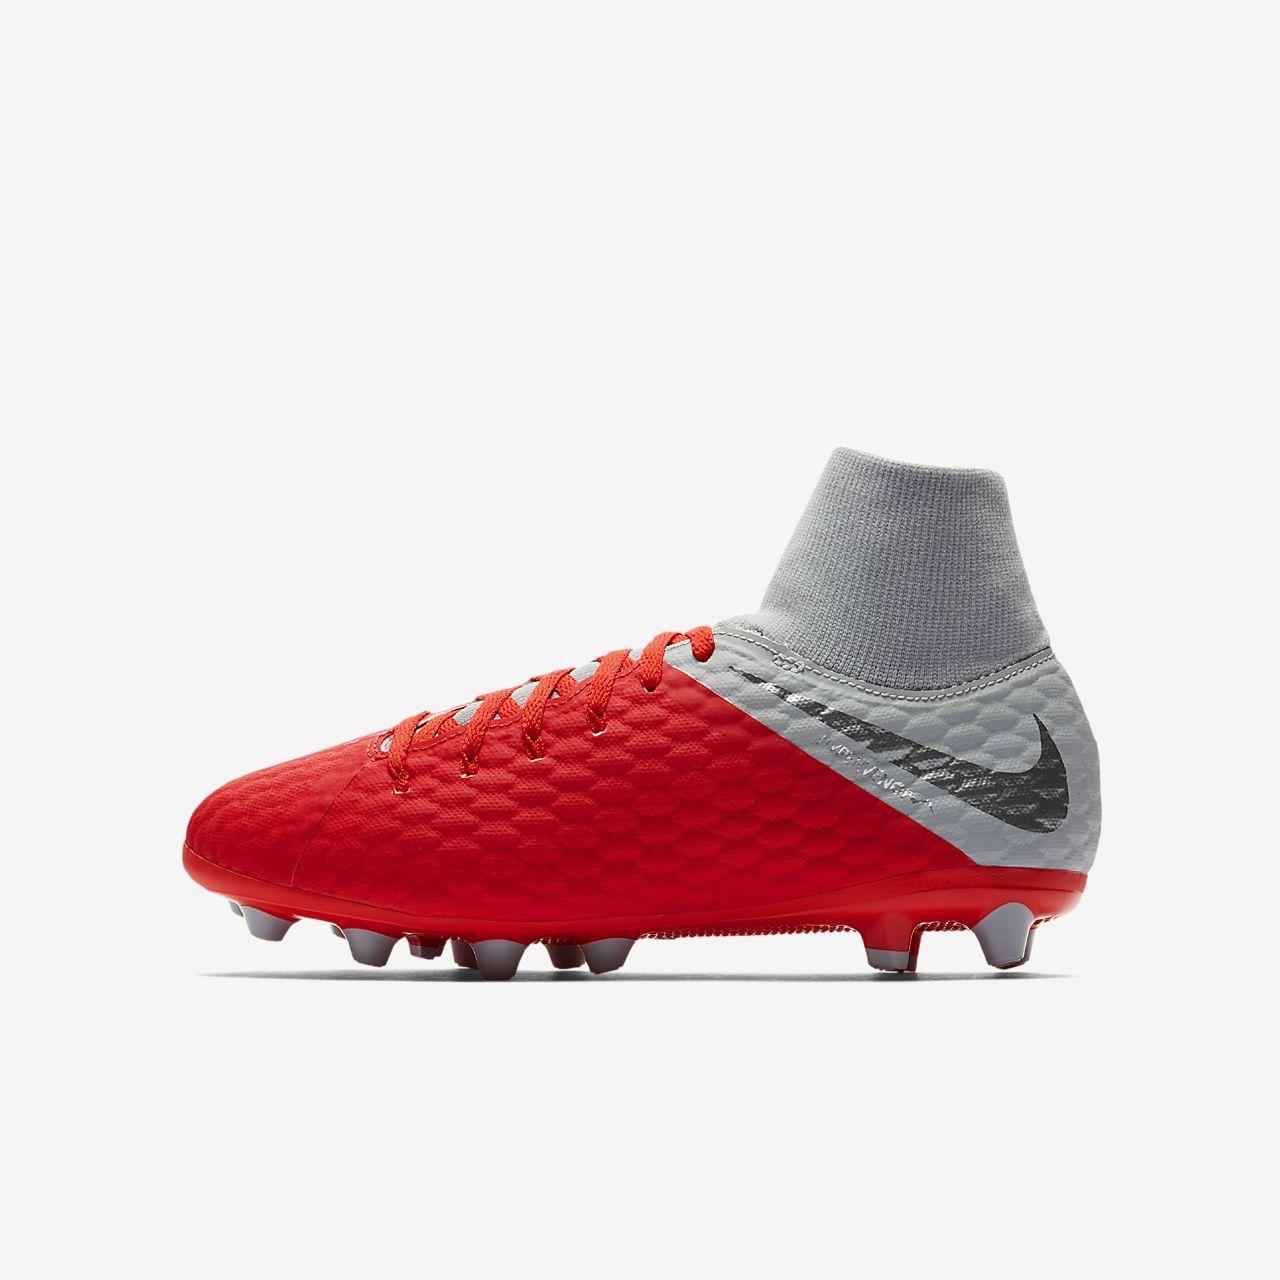 on sale 2f4c2 073cd ... shop fotbollssko för konstgräs nike jr. hypervenom phantom iii academy  dynamic fit ag pro för